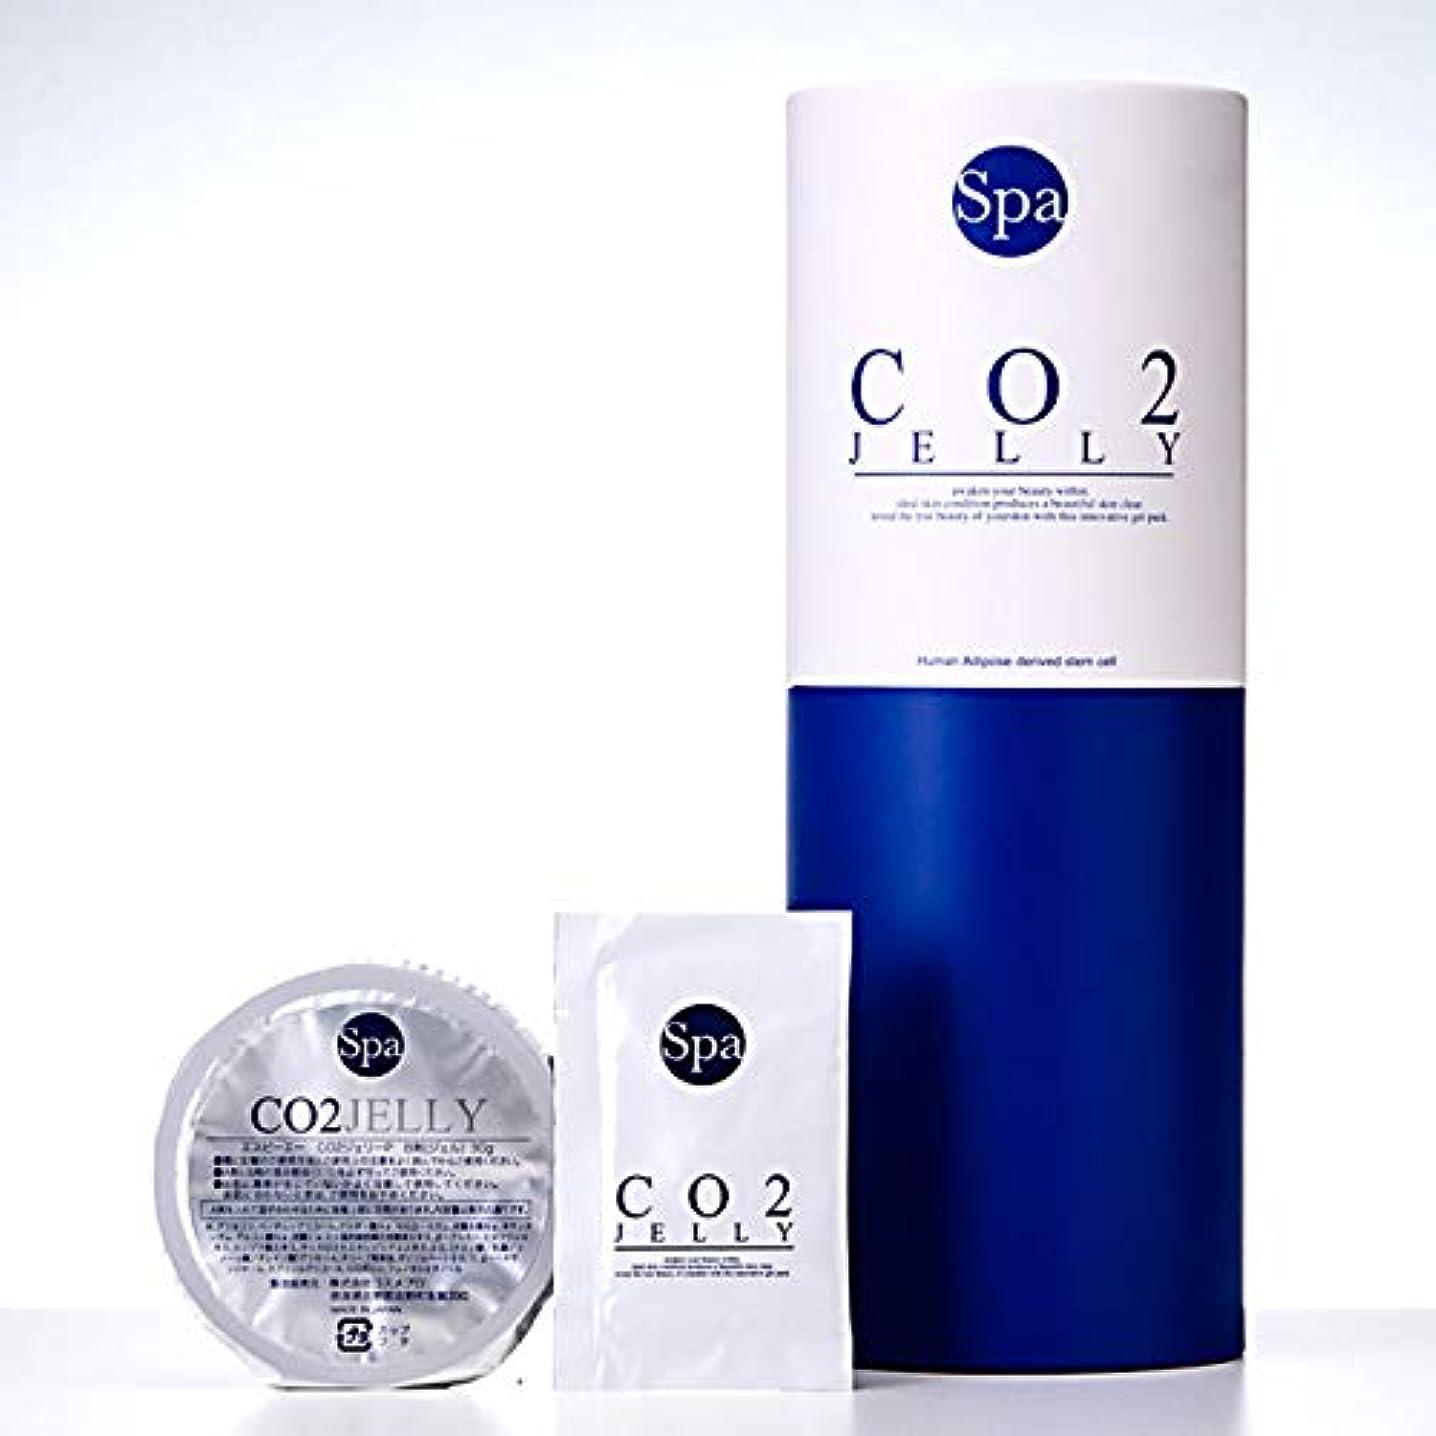 あいにく換気する習字Spa(エスピーエー)CO2 JELLY ジェリー (5回分)日本製 炭酸パック ジェル